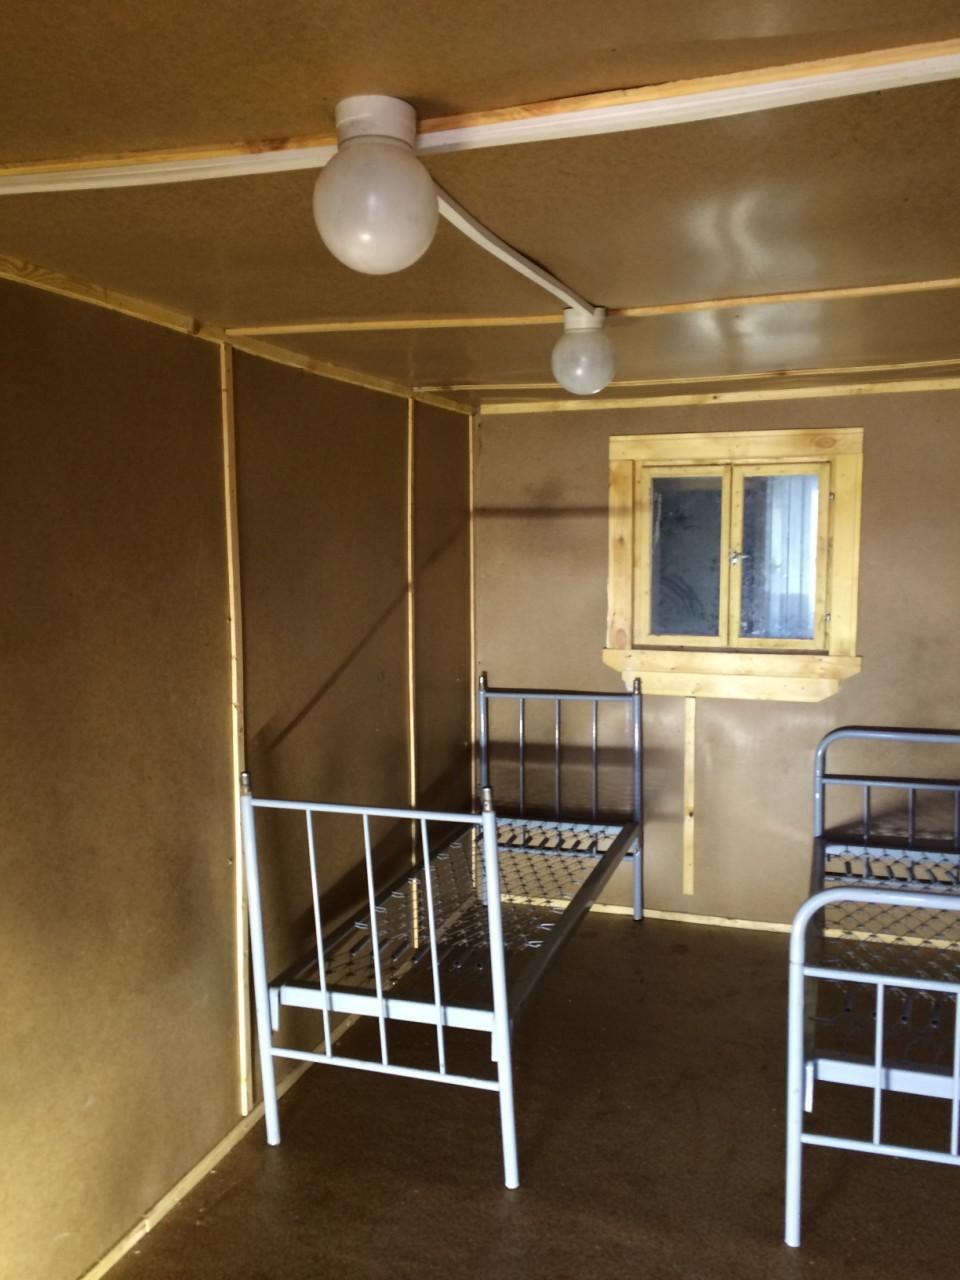 Внутренняя отделка стандартной бытовки, купить в Самаре